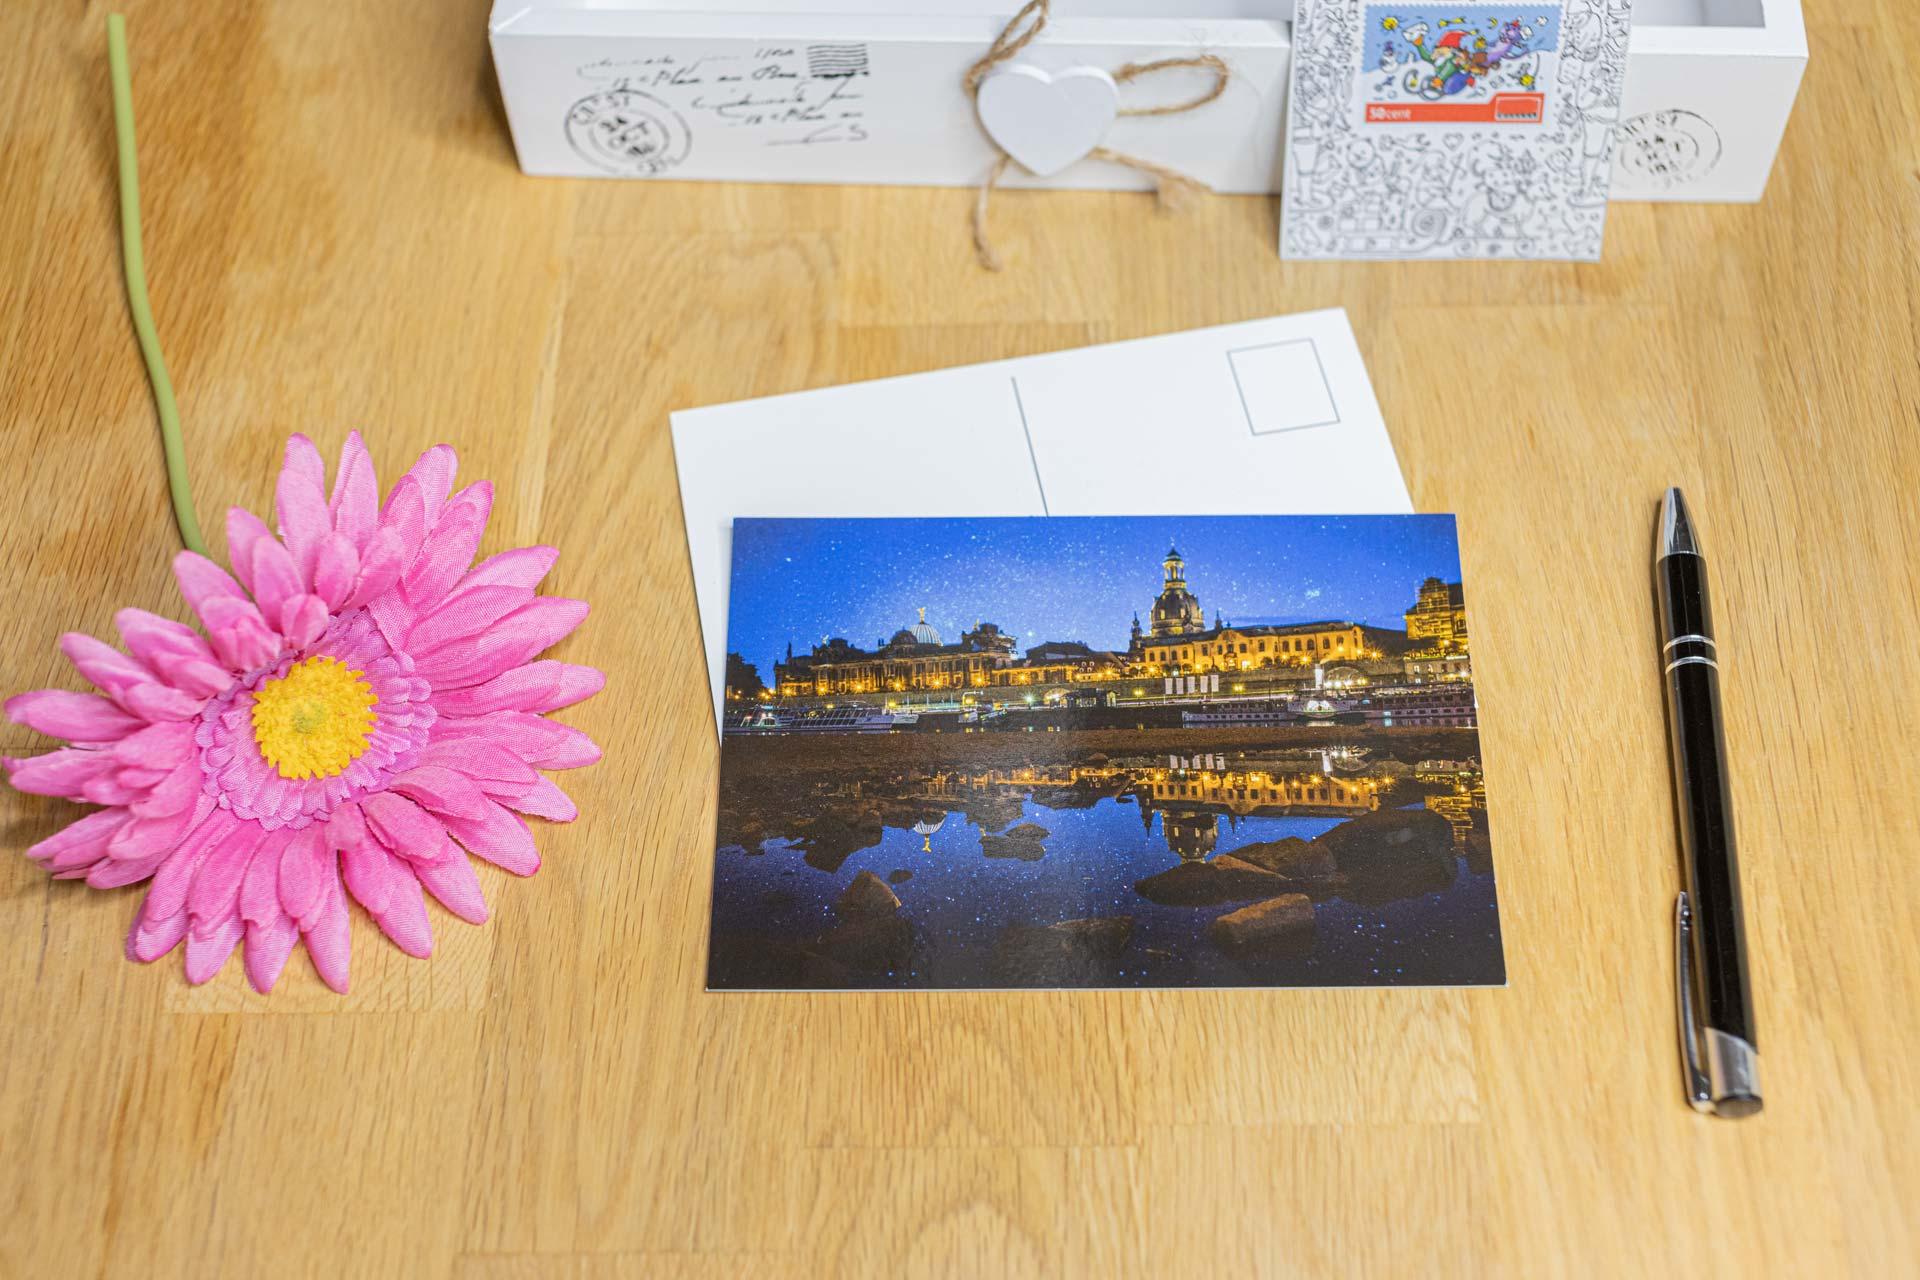 postkarte-dresden-frauenkirche-altstadt-sommer-sachsen-srose-fotografie